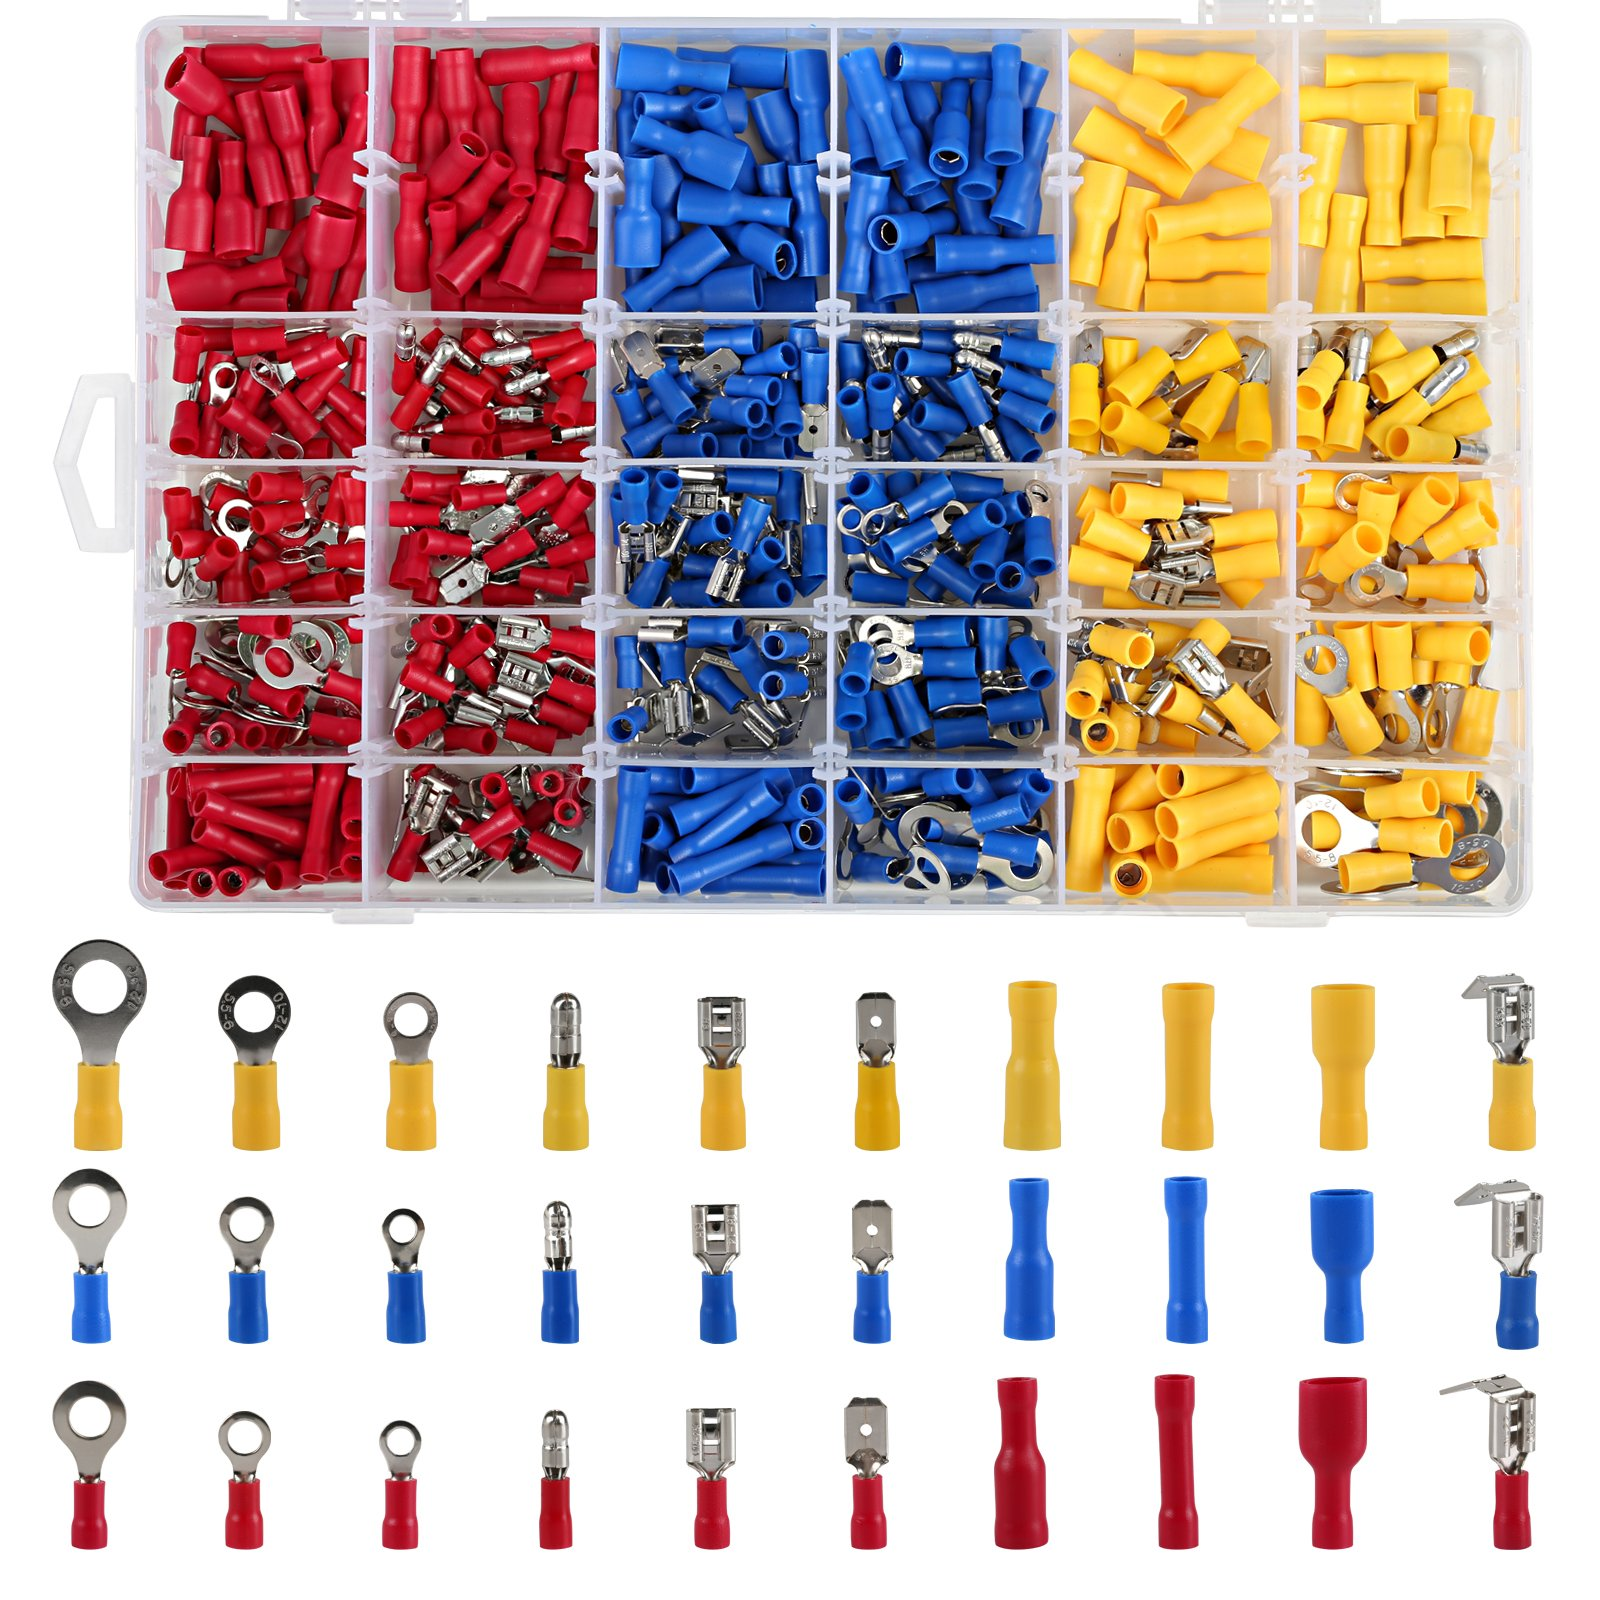 LIHAO Juego de Conectores Eléctricos Aislados Terminales de Alambre con Caja (480 Piezas, 3 Colores): Amazon.es: Bricolaje y herramientas